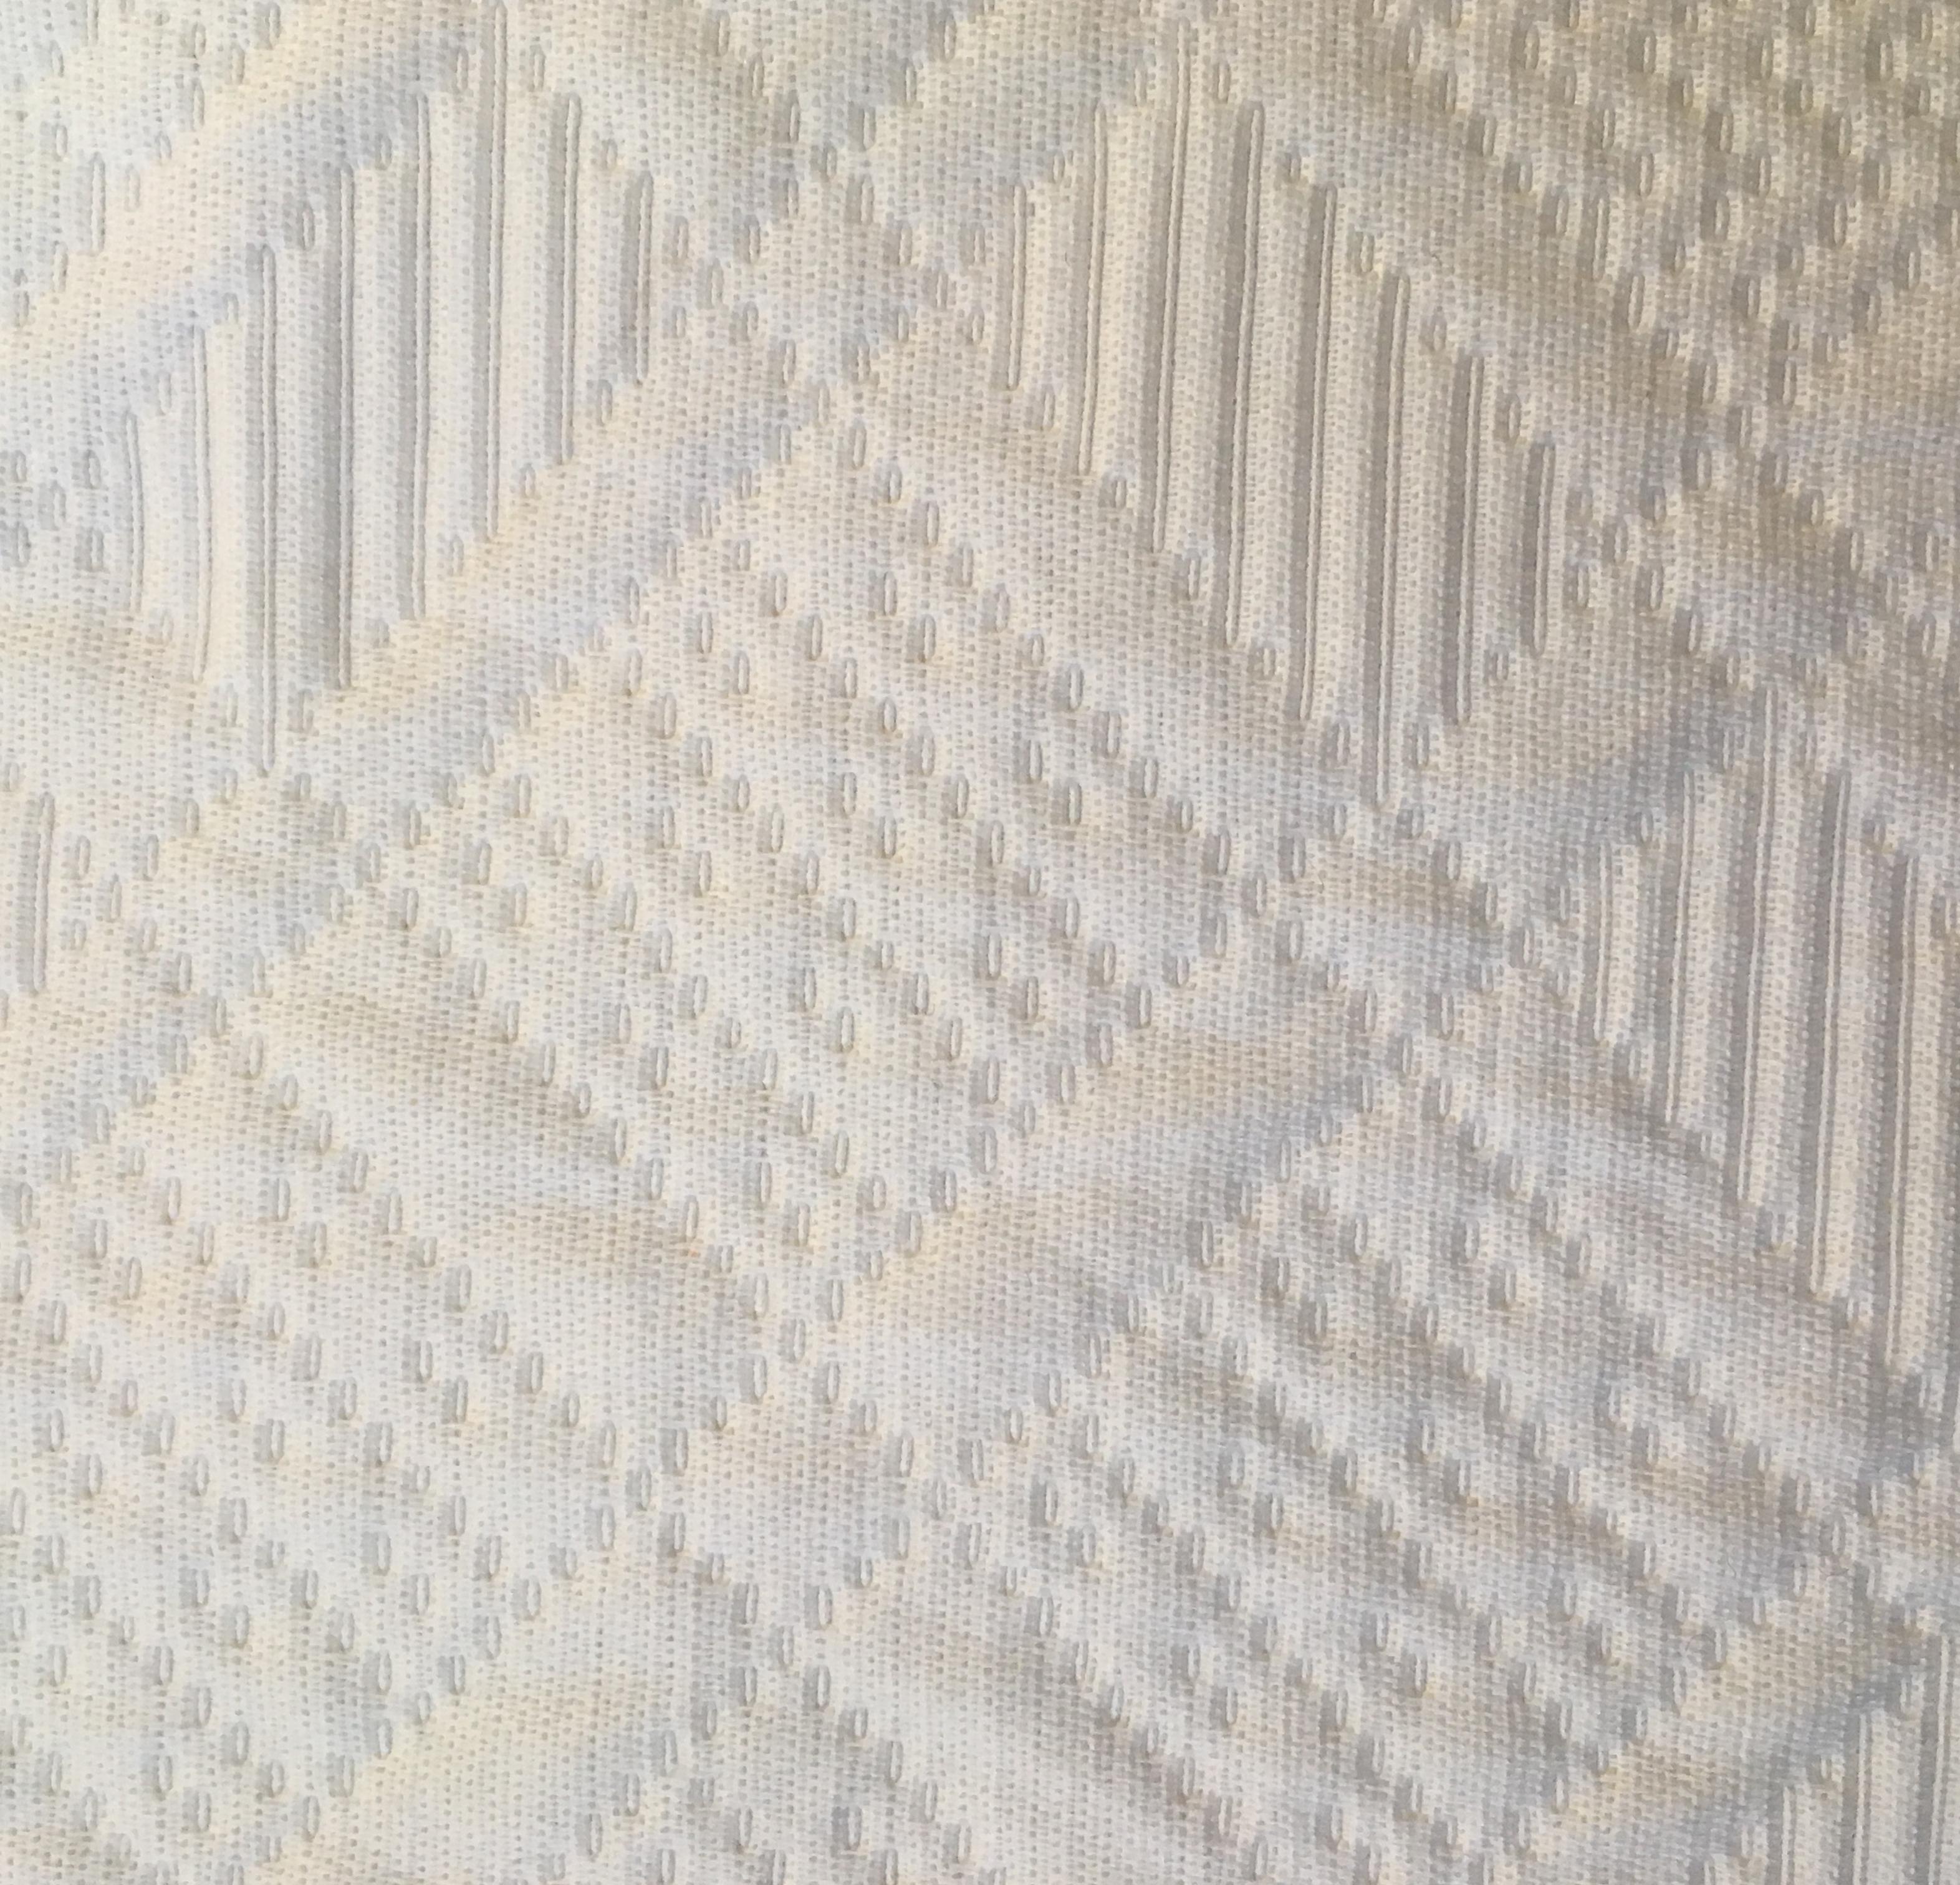 tessuto bianco ricamato